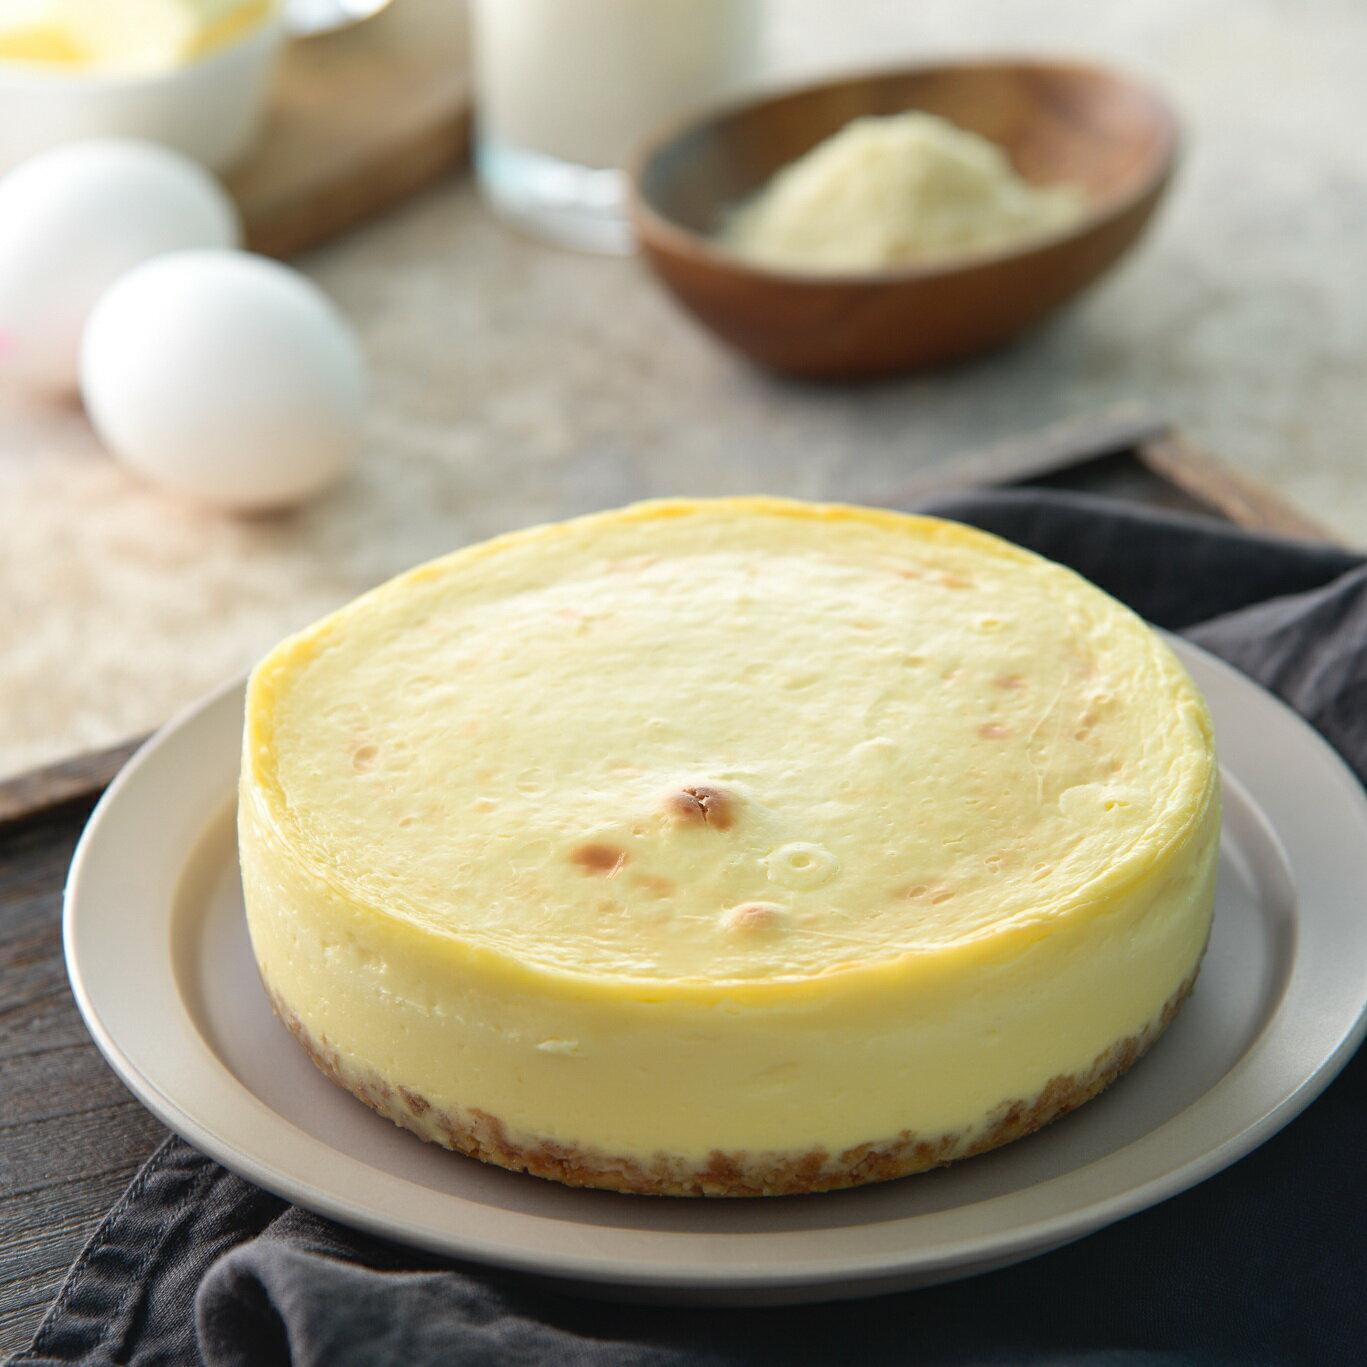 6吋 紐約重乳酪【點 甜點 SweetFarm】乳酪蛋糕  起士蛋糕 生日蛋糕 彌月蛋糕